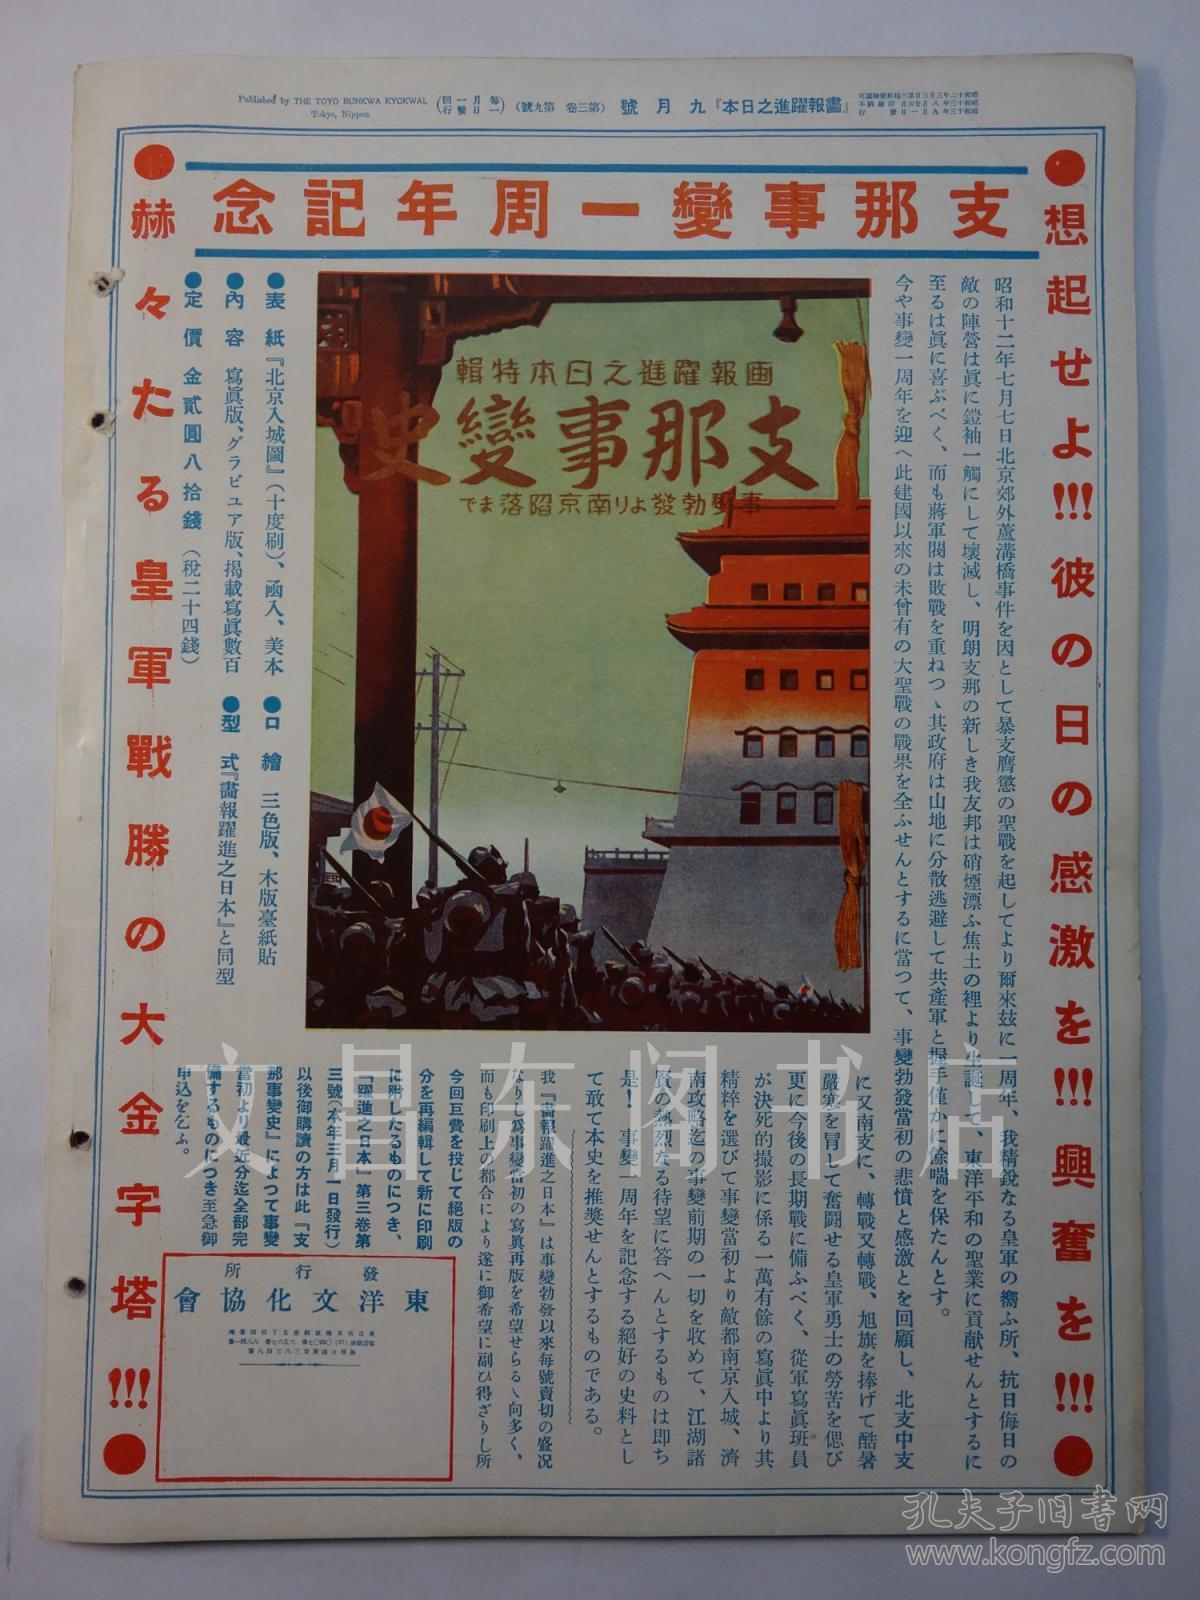 民国时期1938年9月《攻略跃进之山西》日本第六扇门风云画报泰山